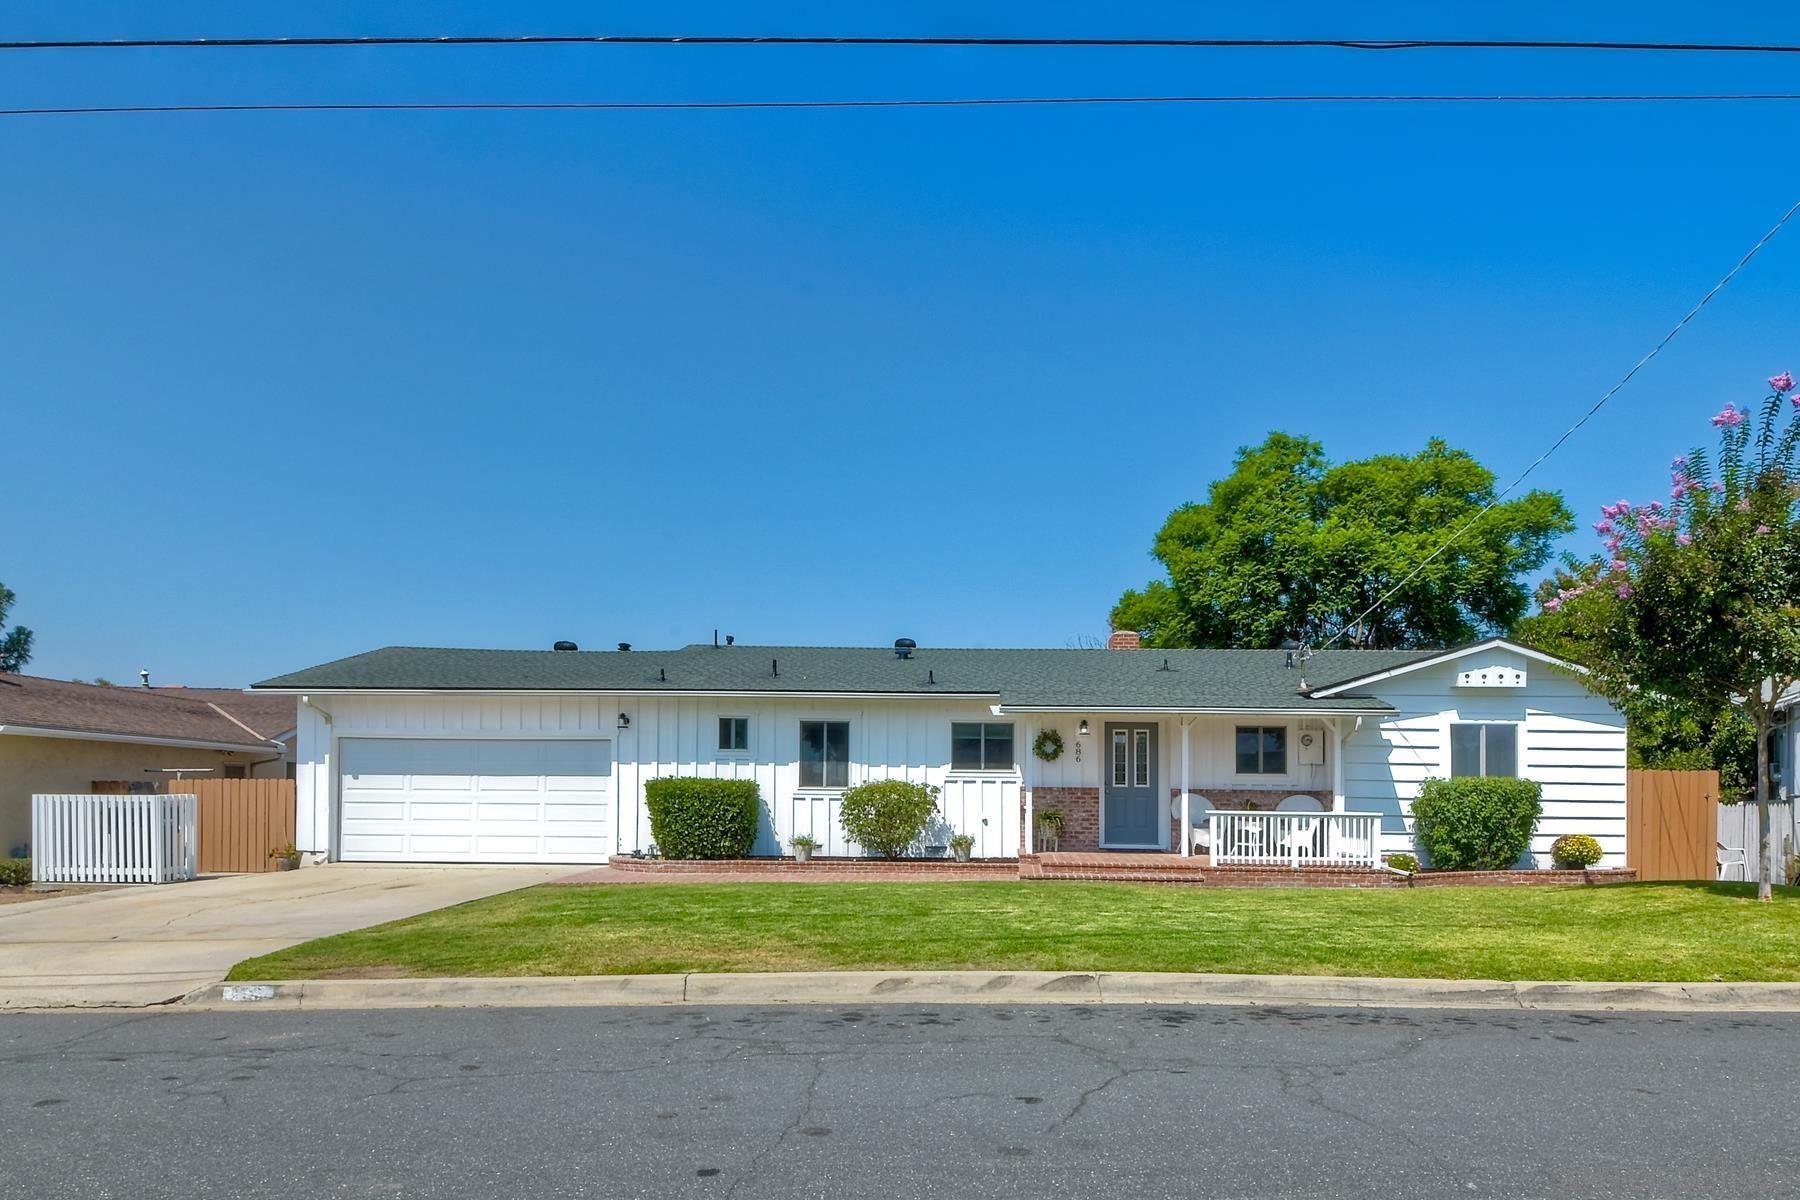 Photo of 686 Carlow Way, El Cajon, CA 92020 (MLS # 210025750)